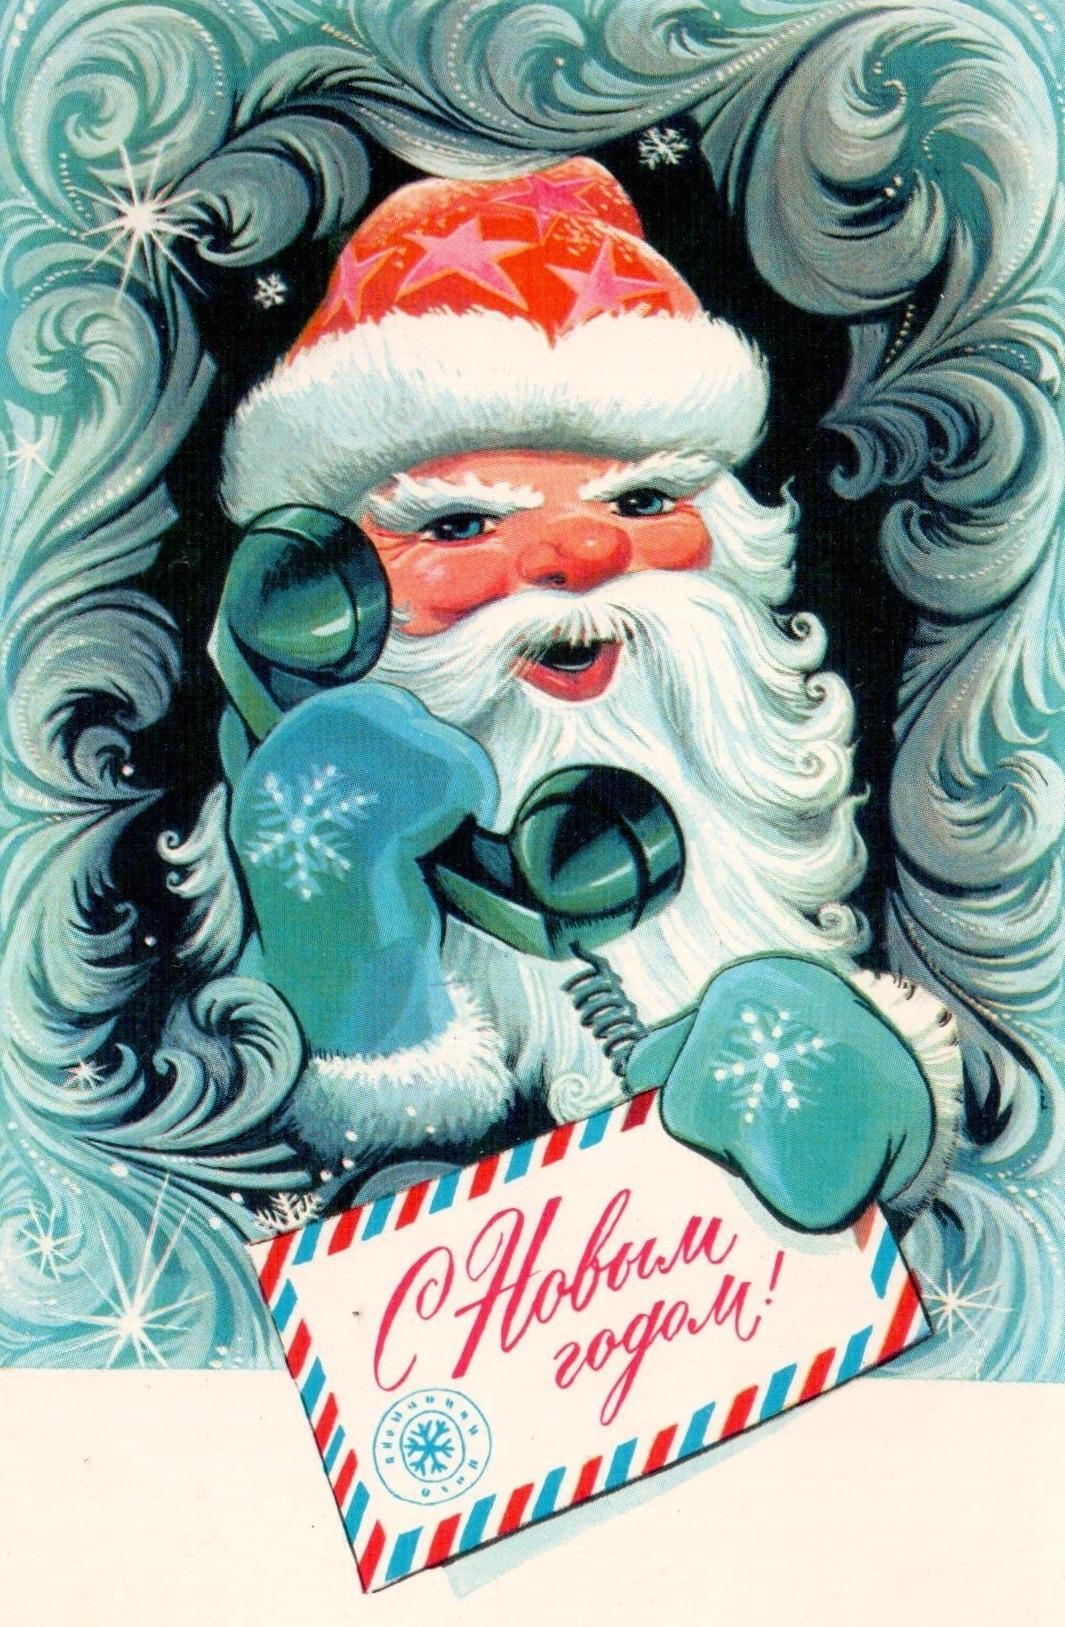 Новогодние открытки 70-90 годов, днем рождения